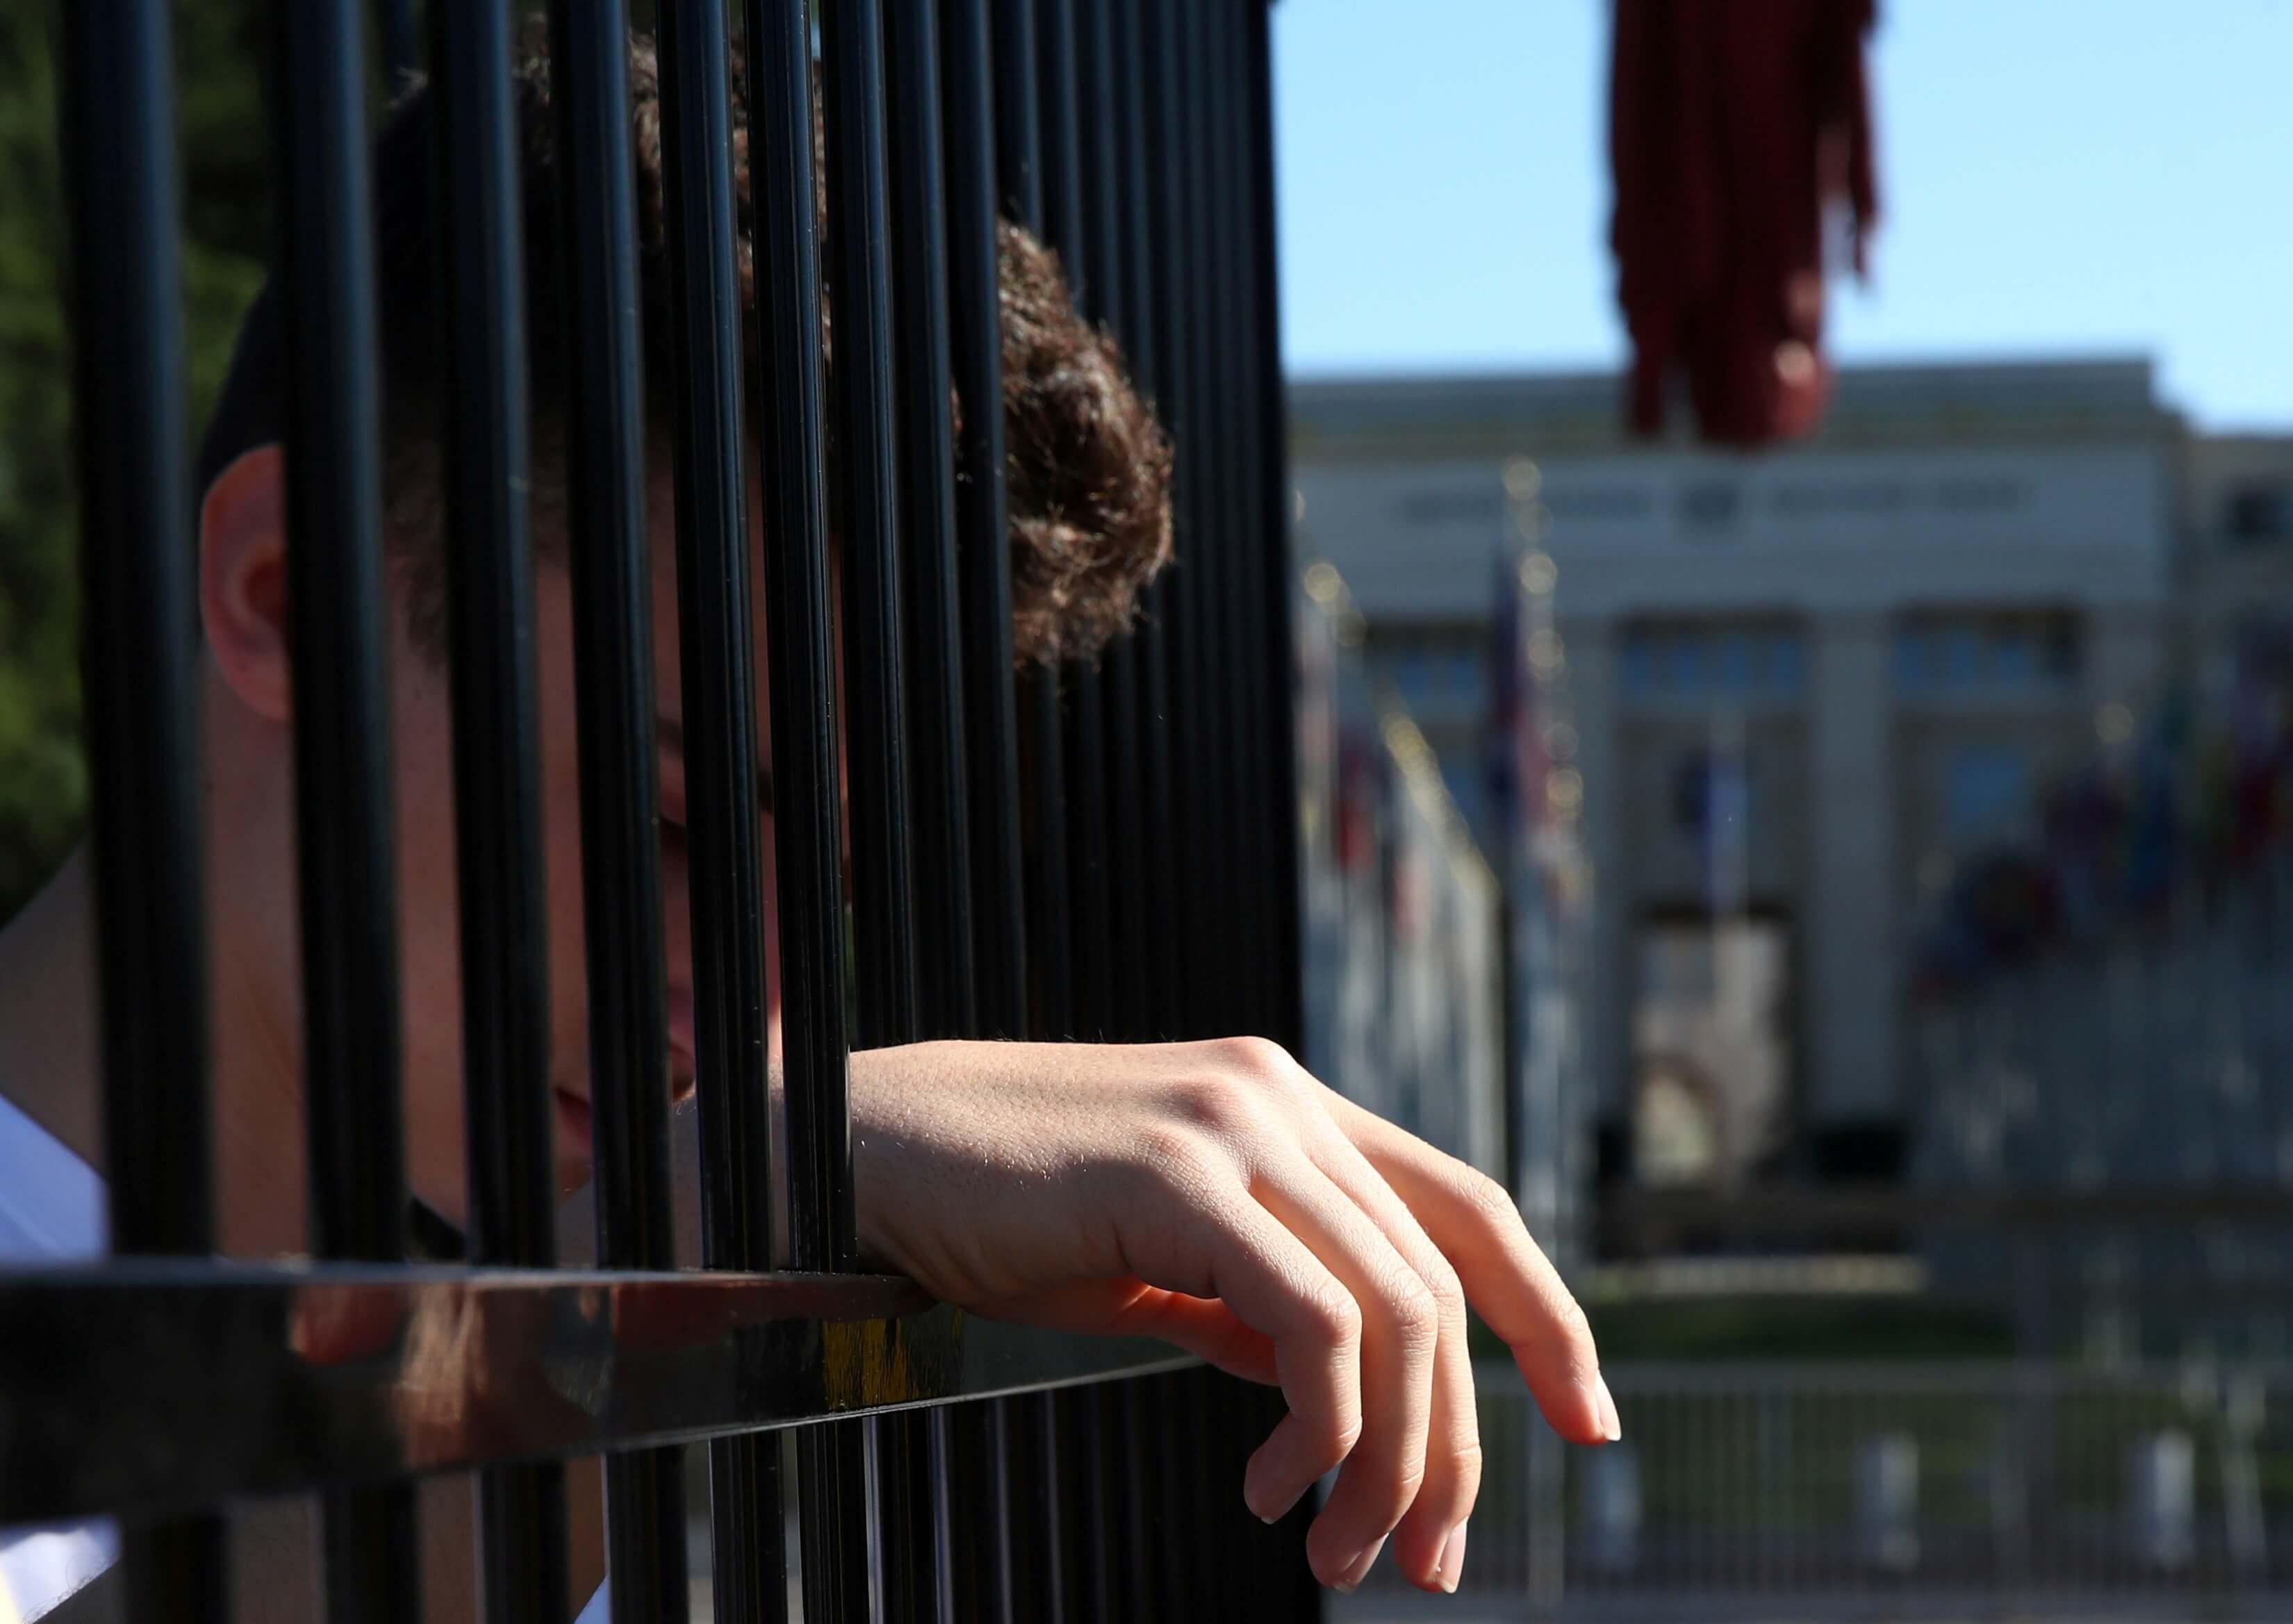 Ελβετία: Κλείστηκαν μόνοι τους σε κλουβιά για να διαμαρτυρηθούν για τον Ντόναλντ Τραμπ!